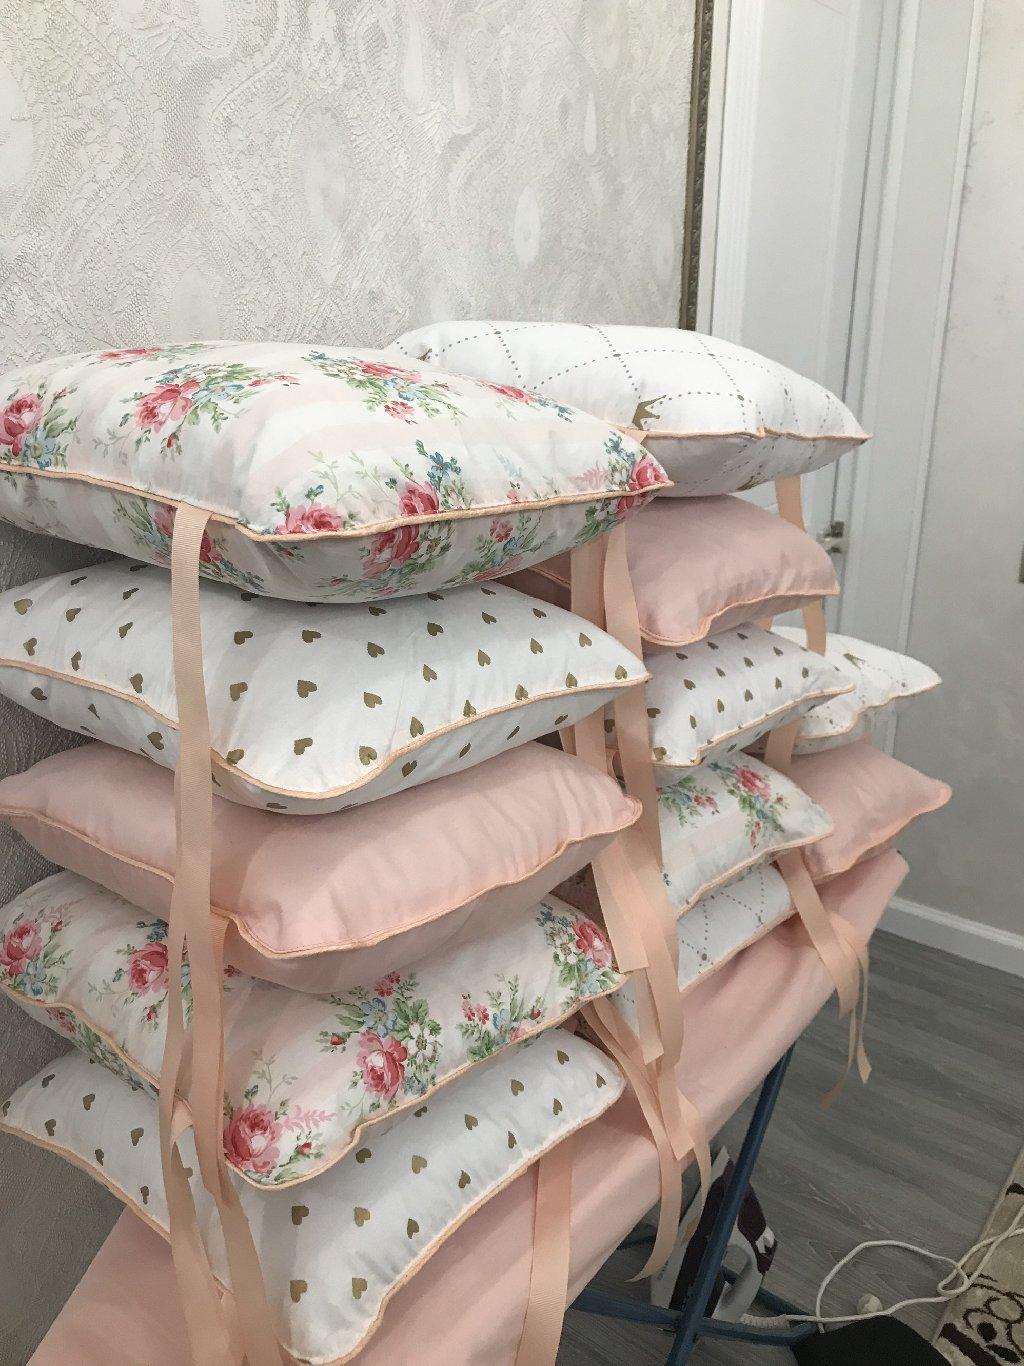 Бортики в кроватку,кокон,матрас в коляску,одеяло на заказ из турецкого 100%хлопка